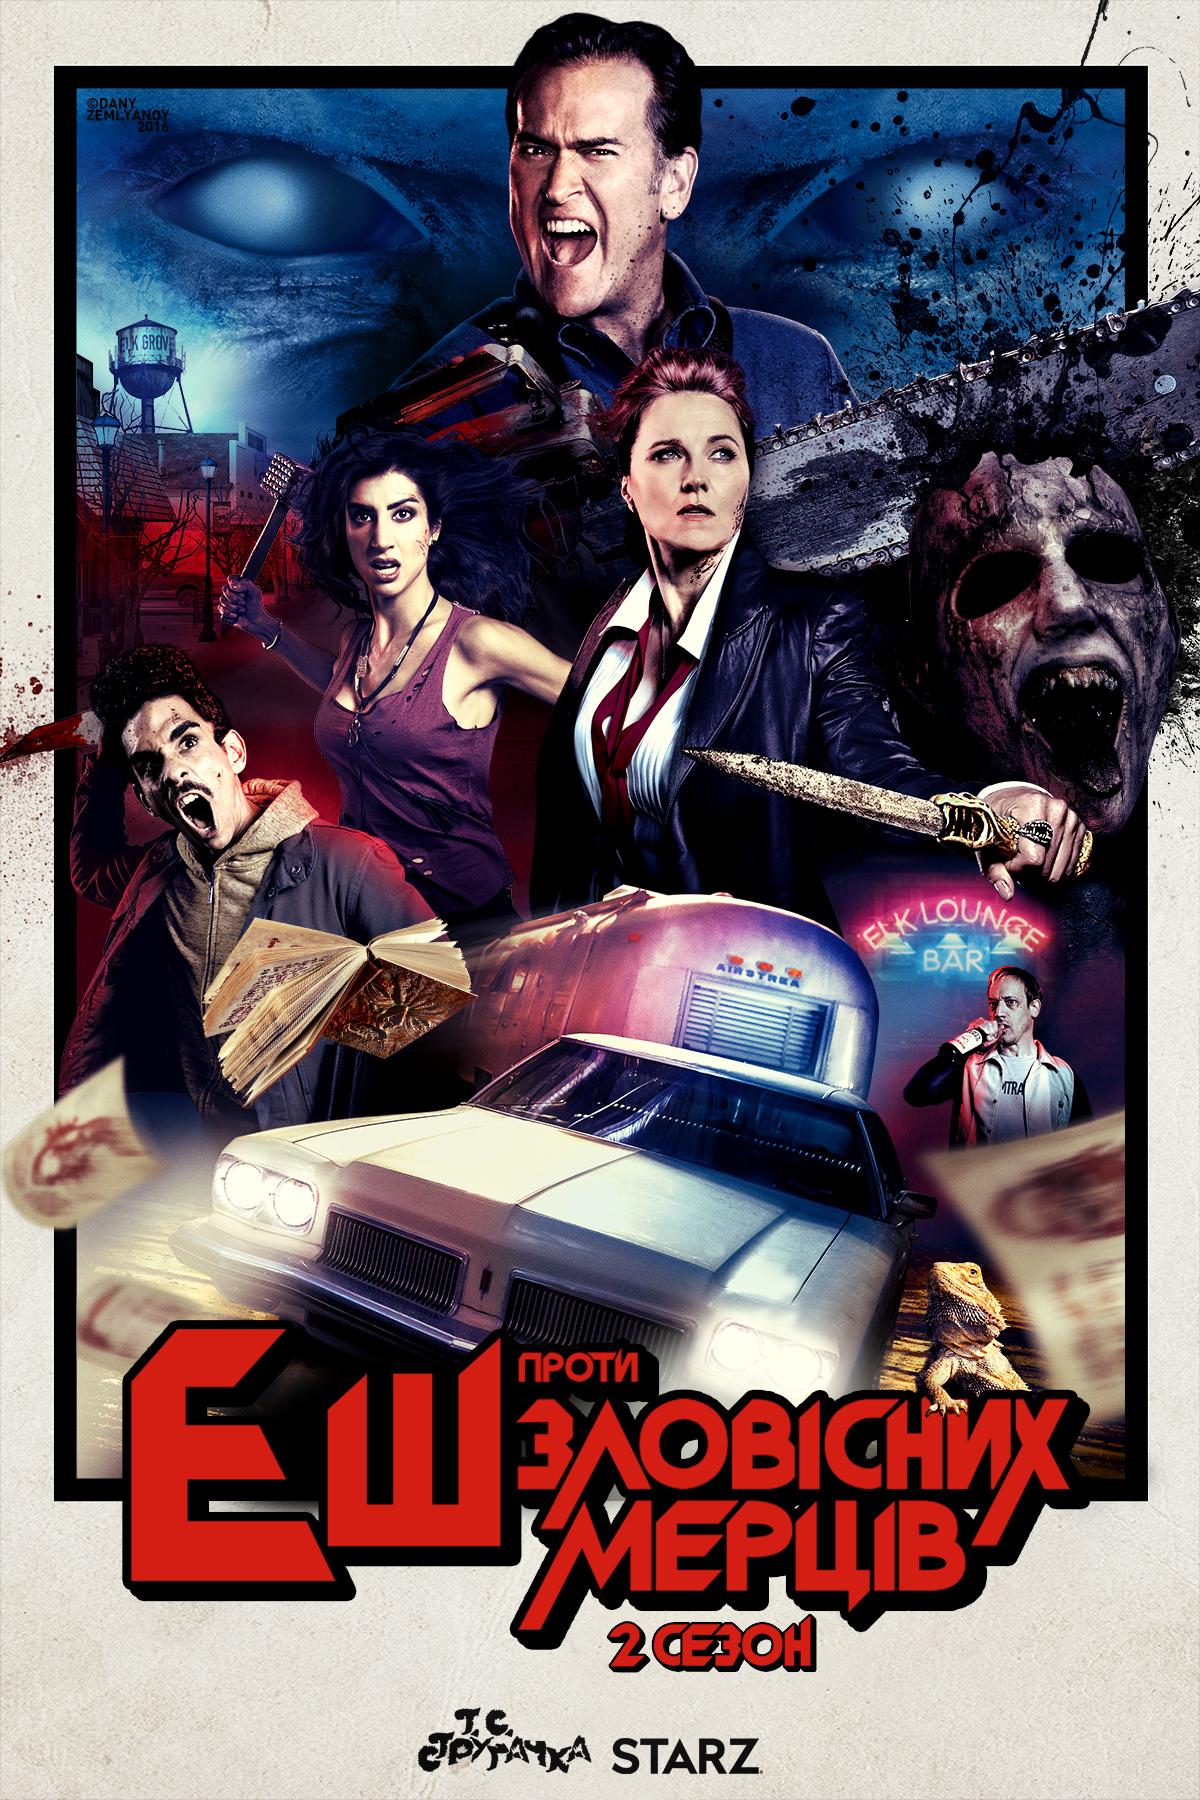 Эш против Зловещих мертвецов 1-2 сезон 1-10 серия Украинский   Ash vs Evil Dead (Еш проти Зловісних Мерців)